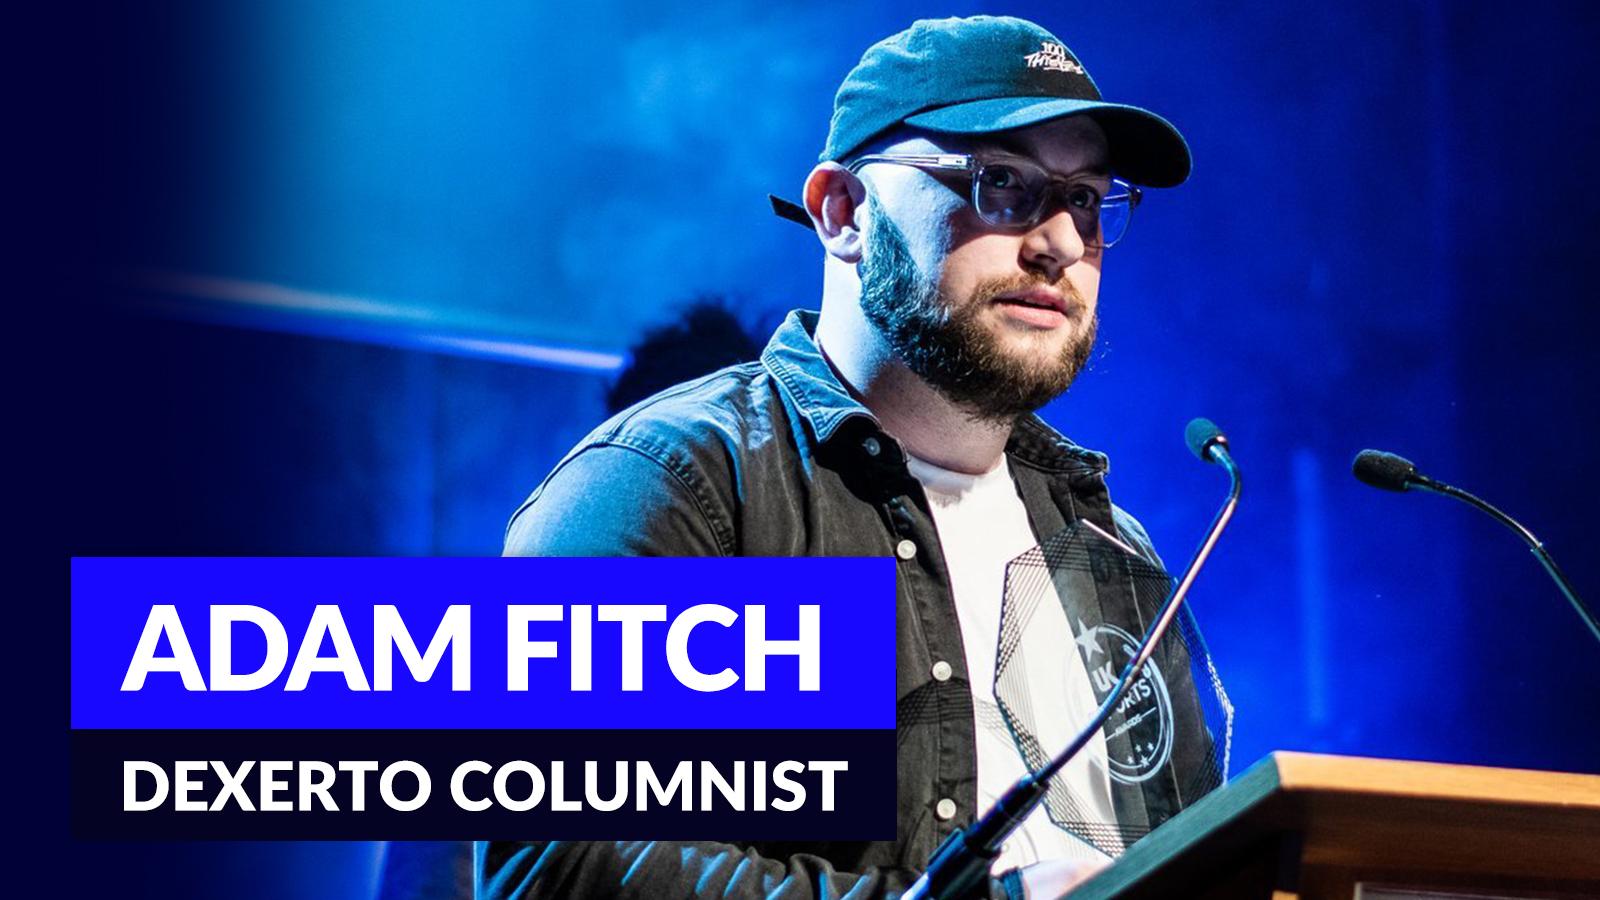 A column by Adam Fitch